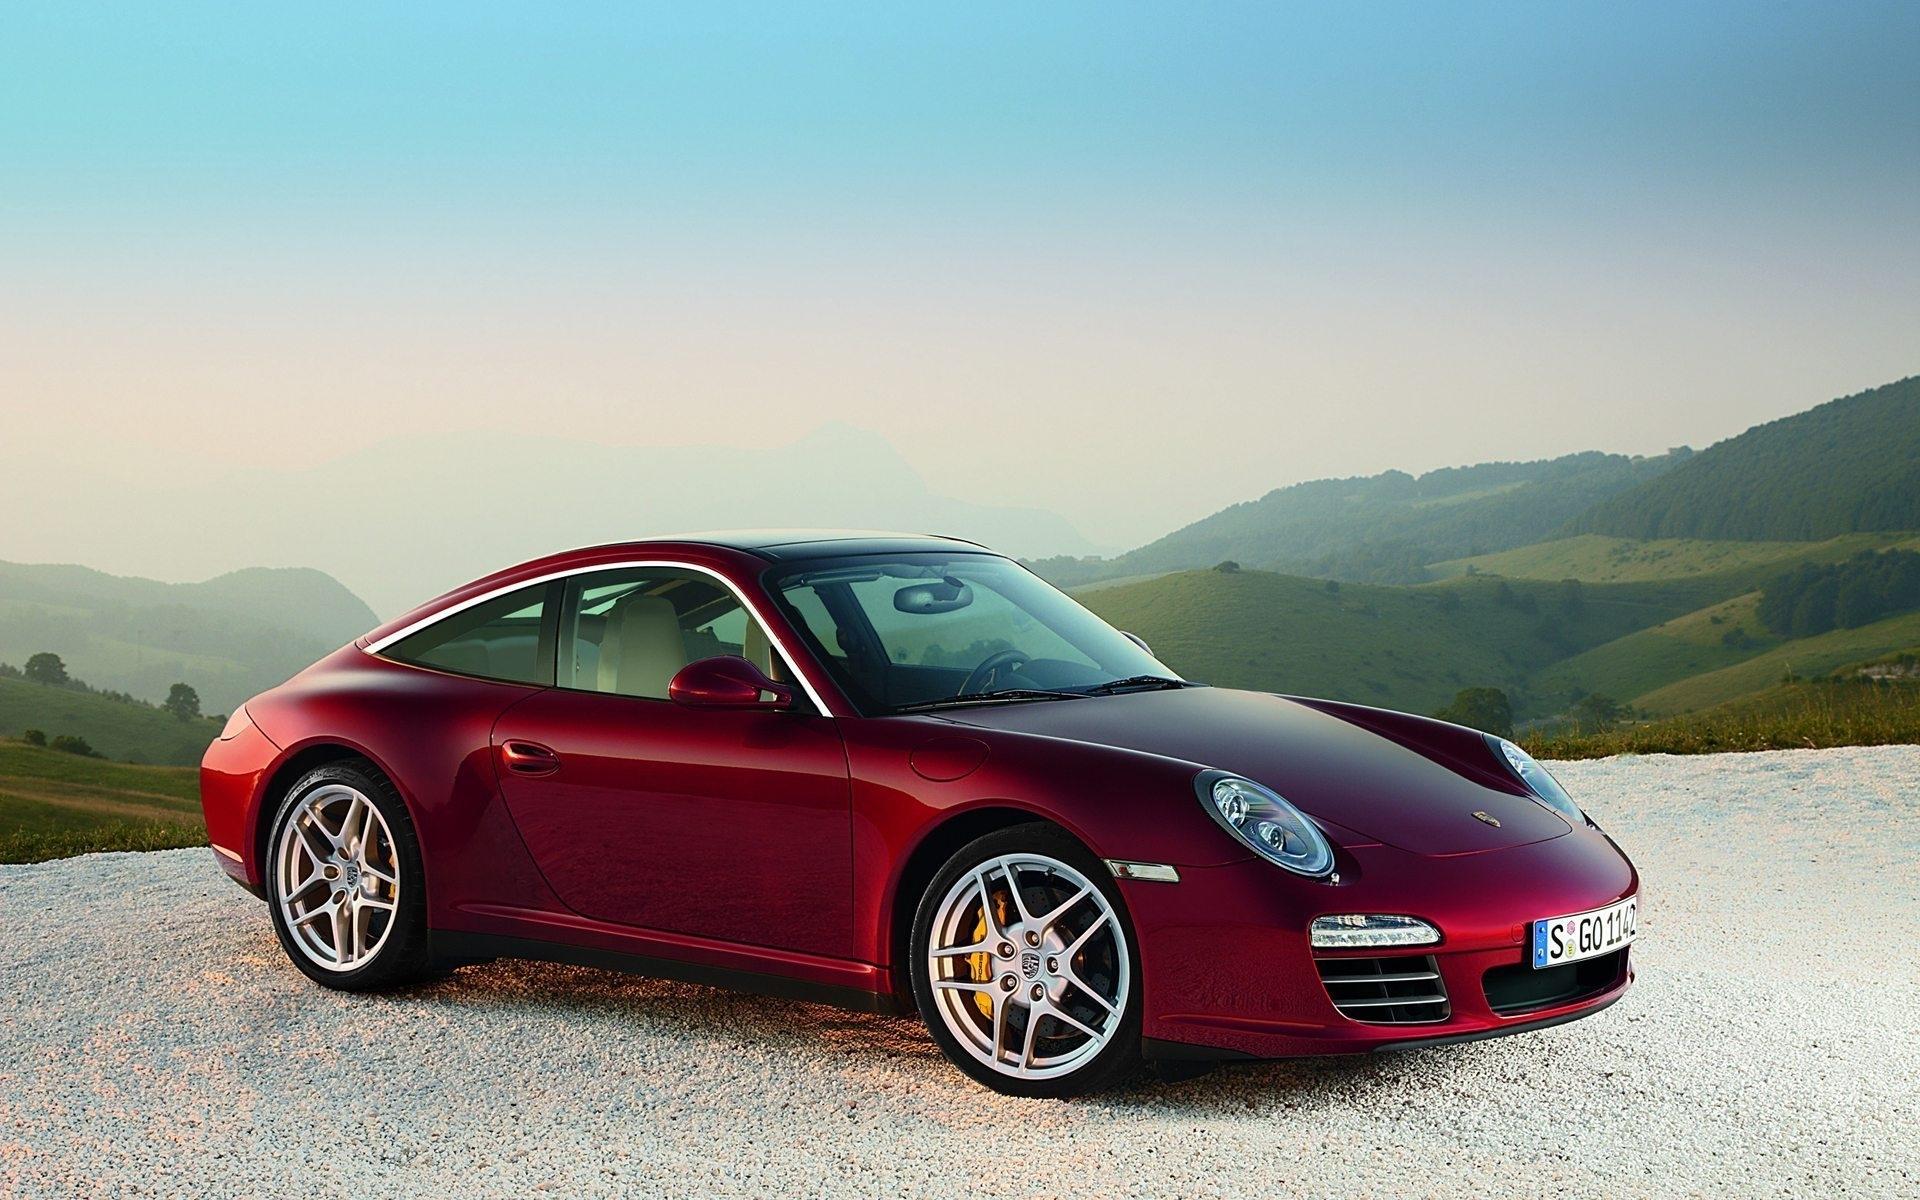 26270 скачать обои Транспорт, Машины, Порш (Porsche) - заставки и картинки бесплатно